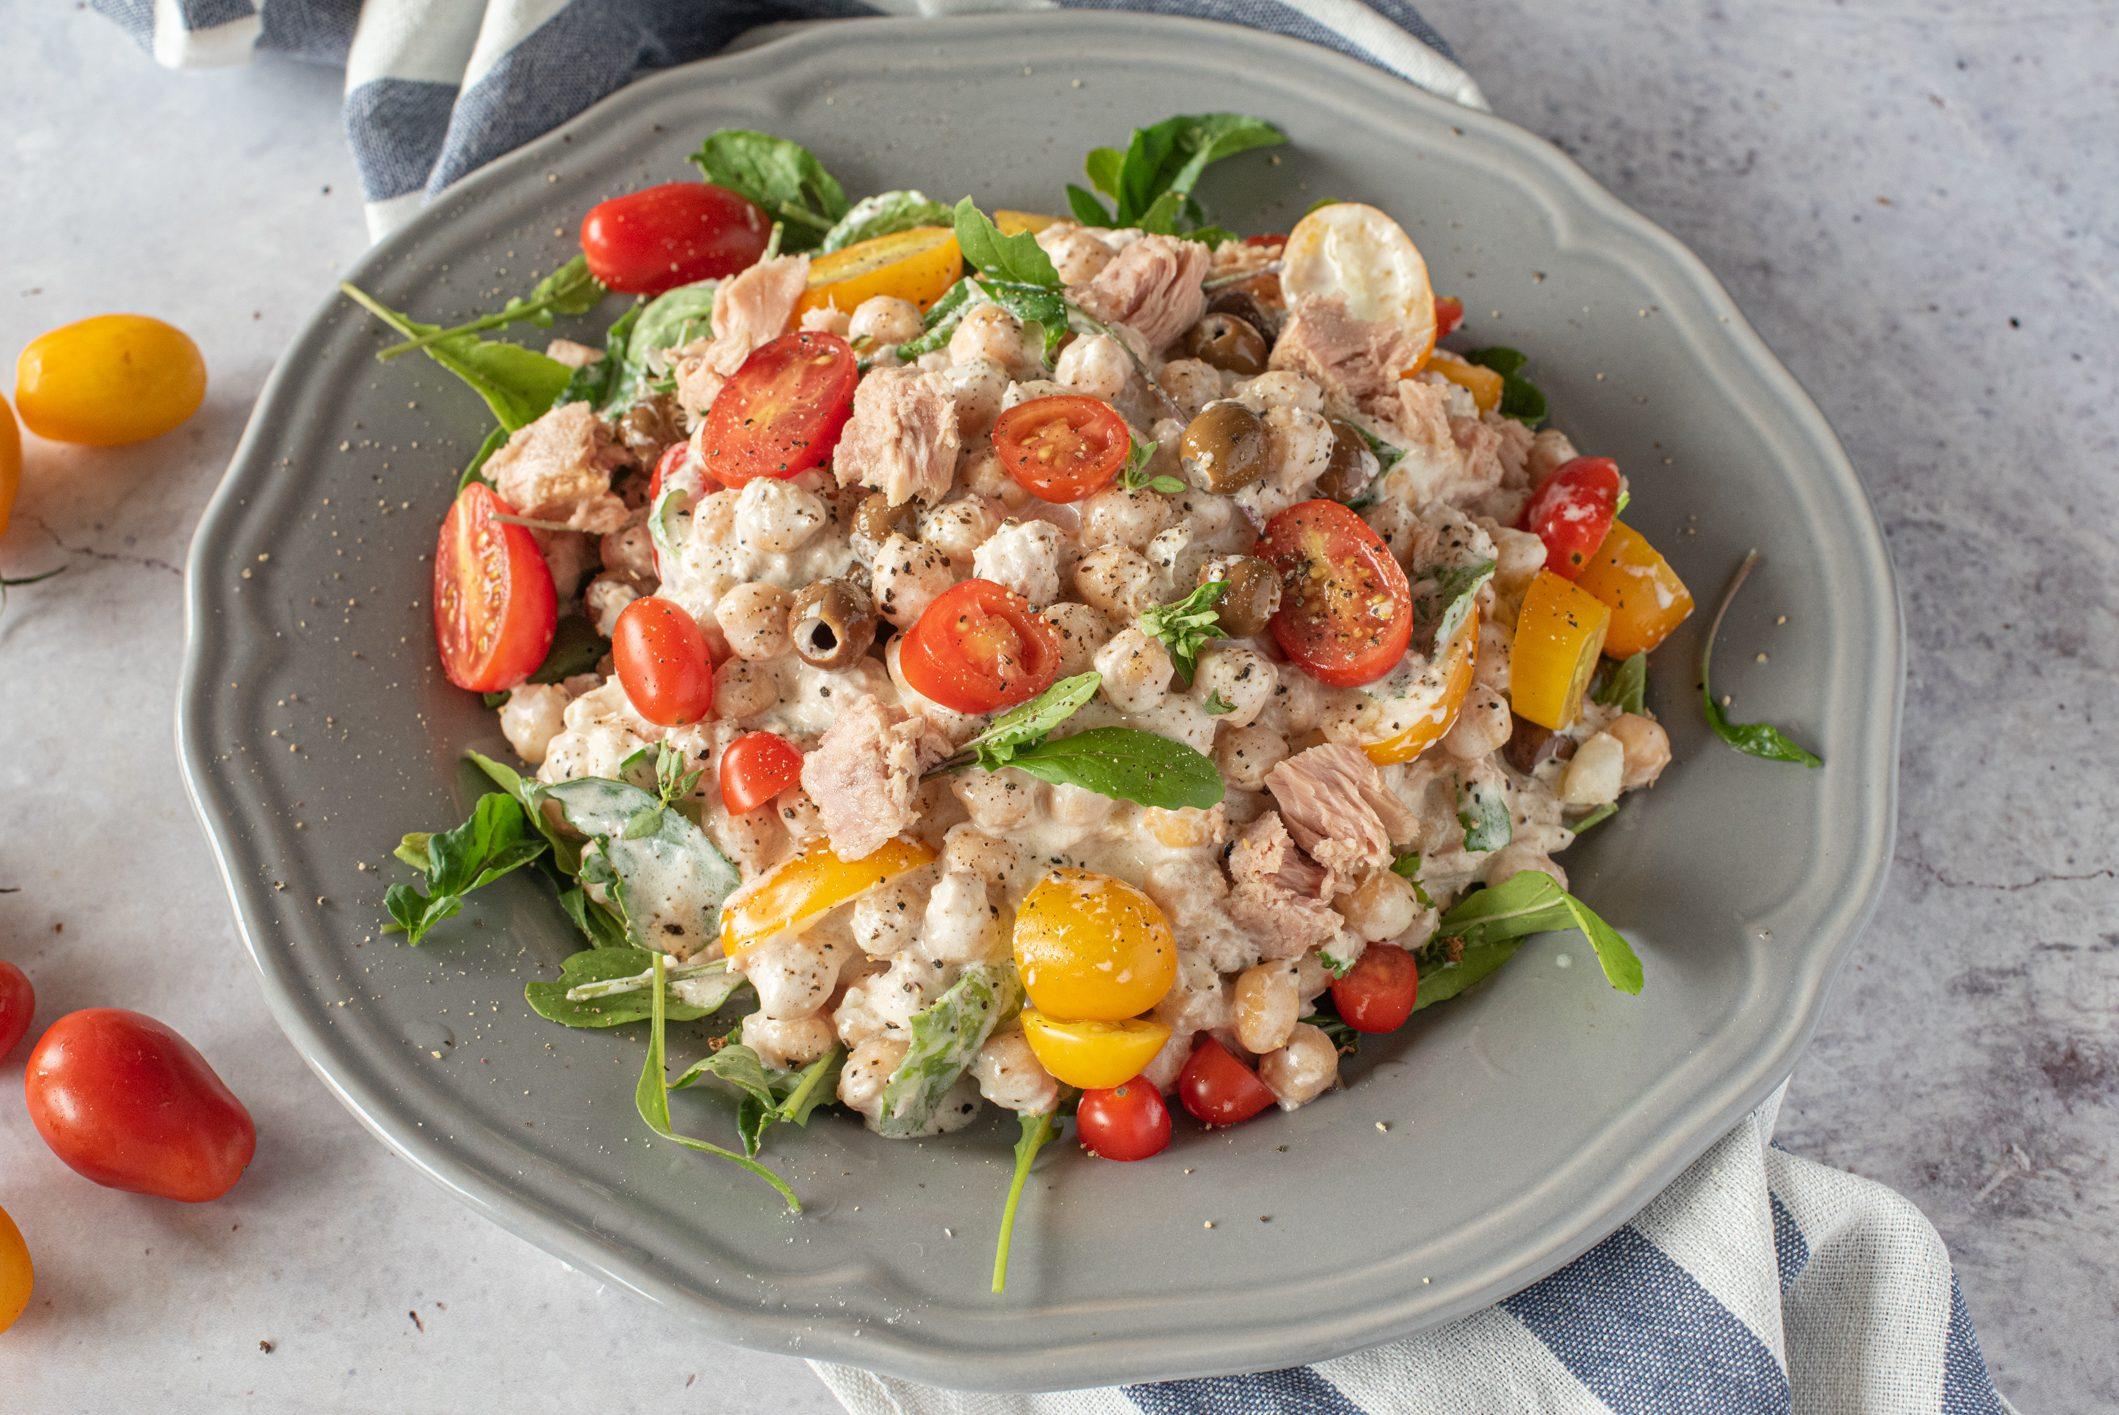 Ceci tonnati: la ricetta dell'insalata di legumi fresca e golosa